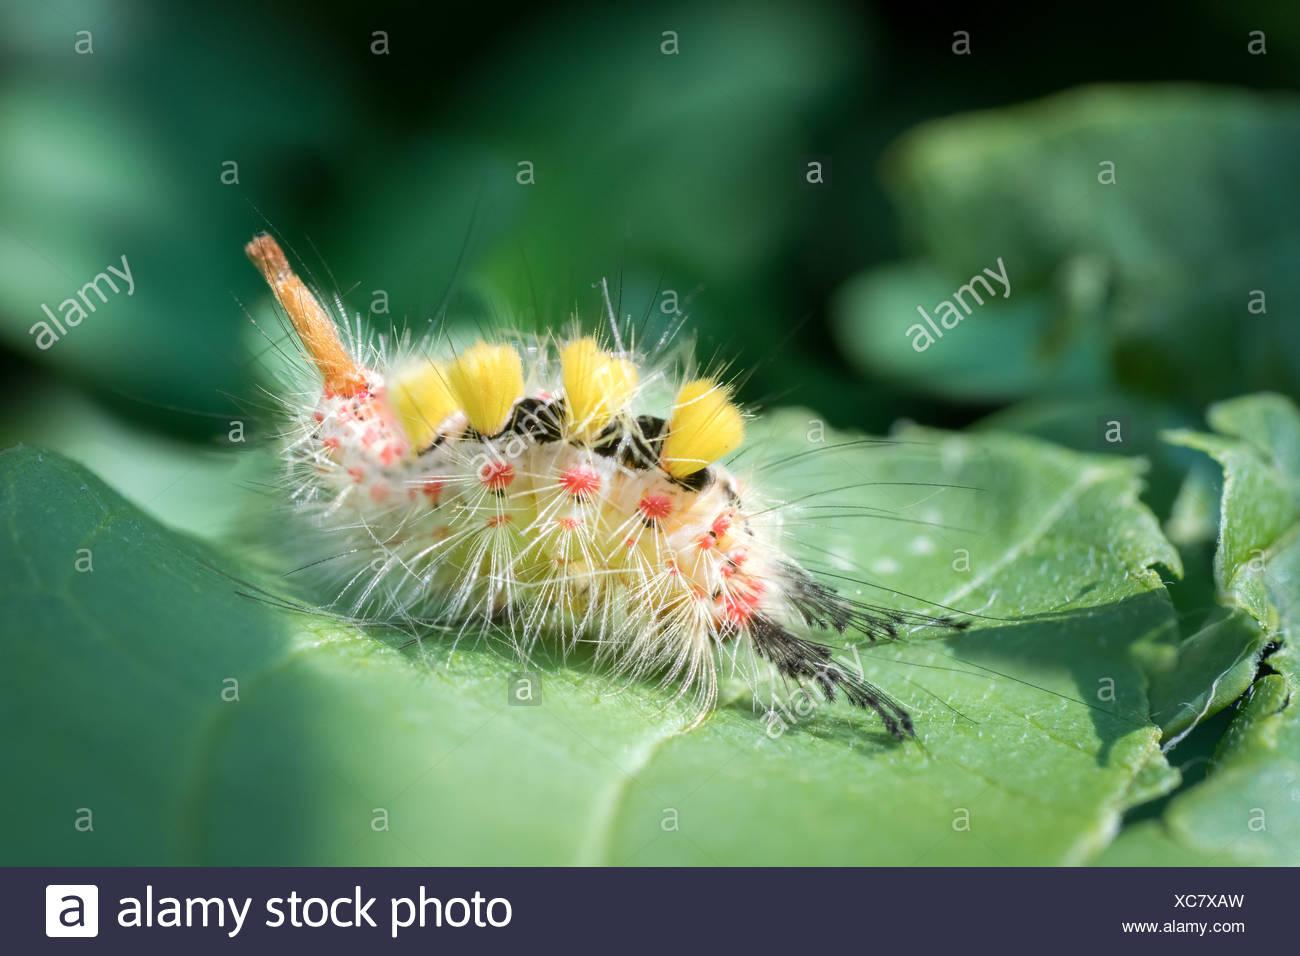 Fein Monarchfalter Lebenszyklus Färbung Seite Fotos - Beispiel ...